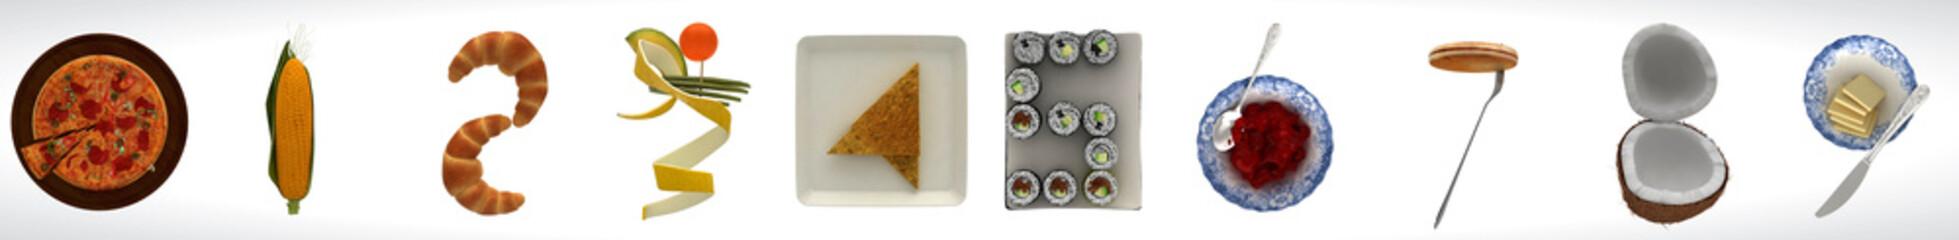 Sequenza numerata astratta, artistico, 0-9, alimentari, cibo